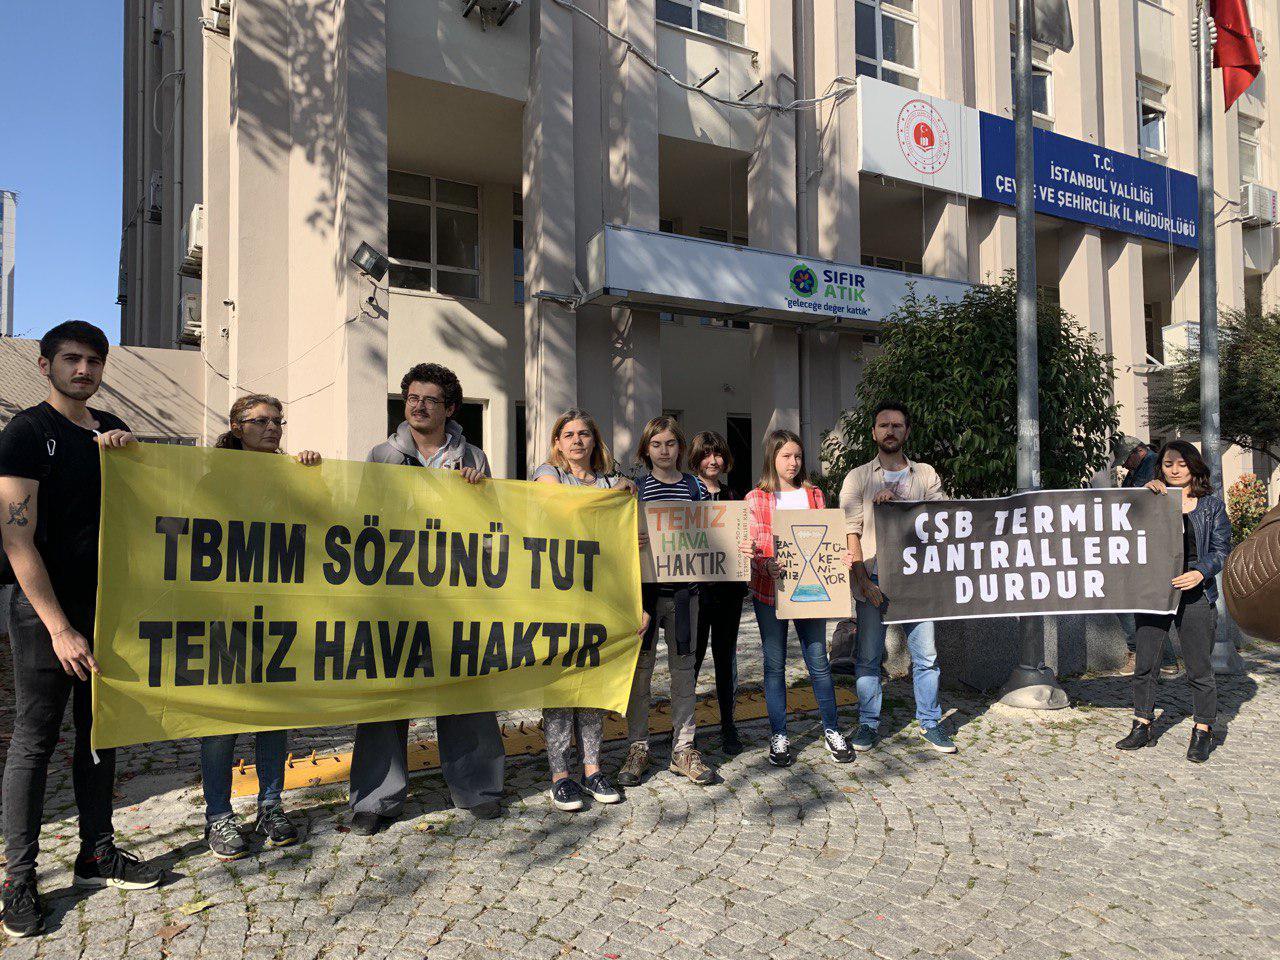 Temiz Hava Hakkı İçin İstanbul'da Eylem: TBMM Sözünü Tut!